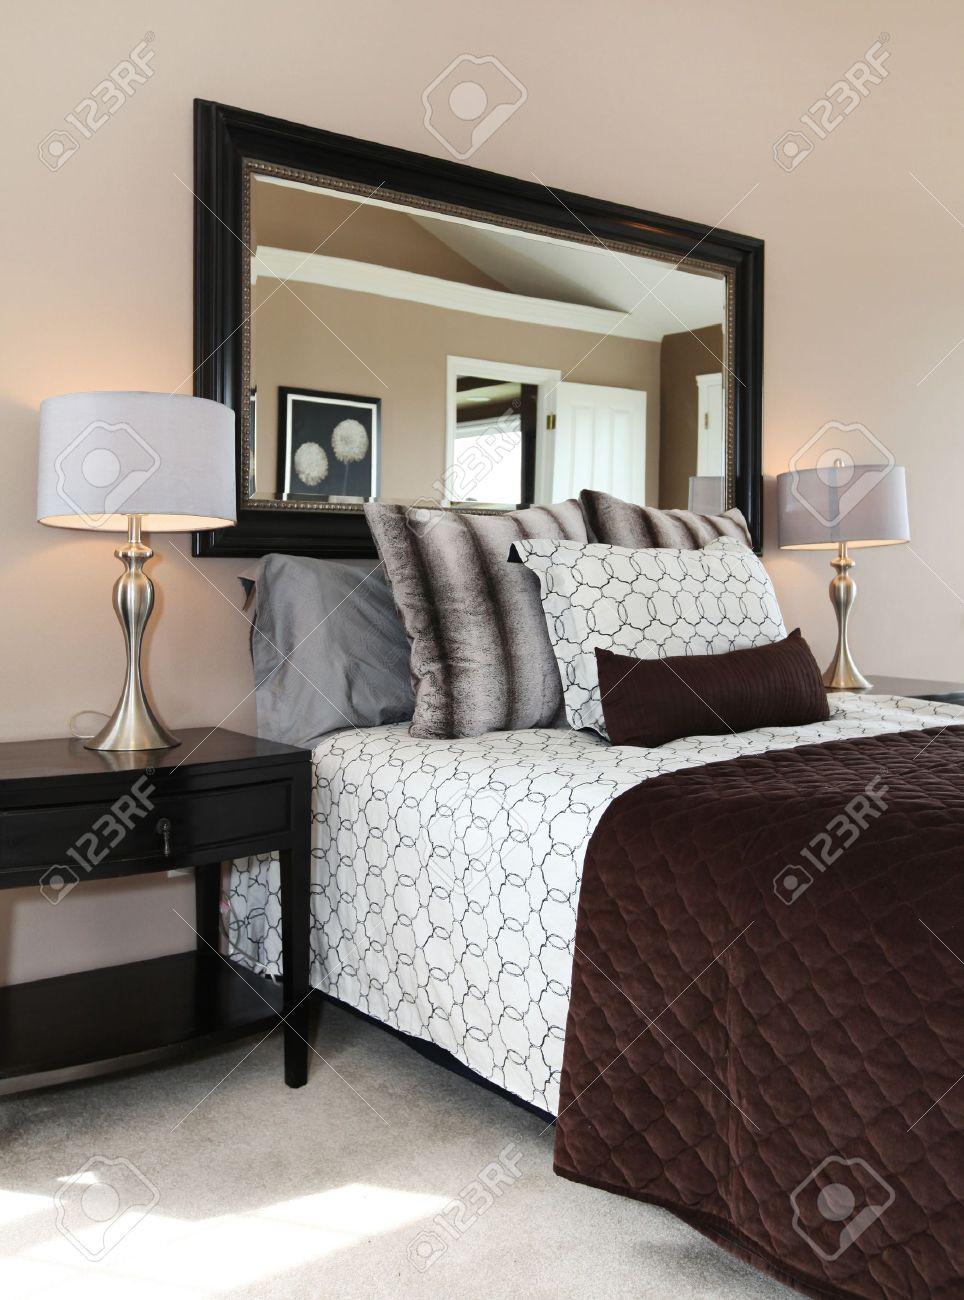 Braune Und Weiße Schlafzimmer Hautnah Mit Spiegel Und Teppich ...